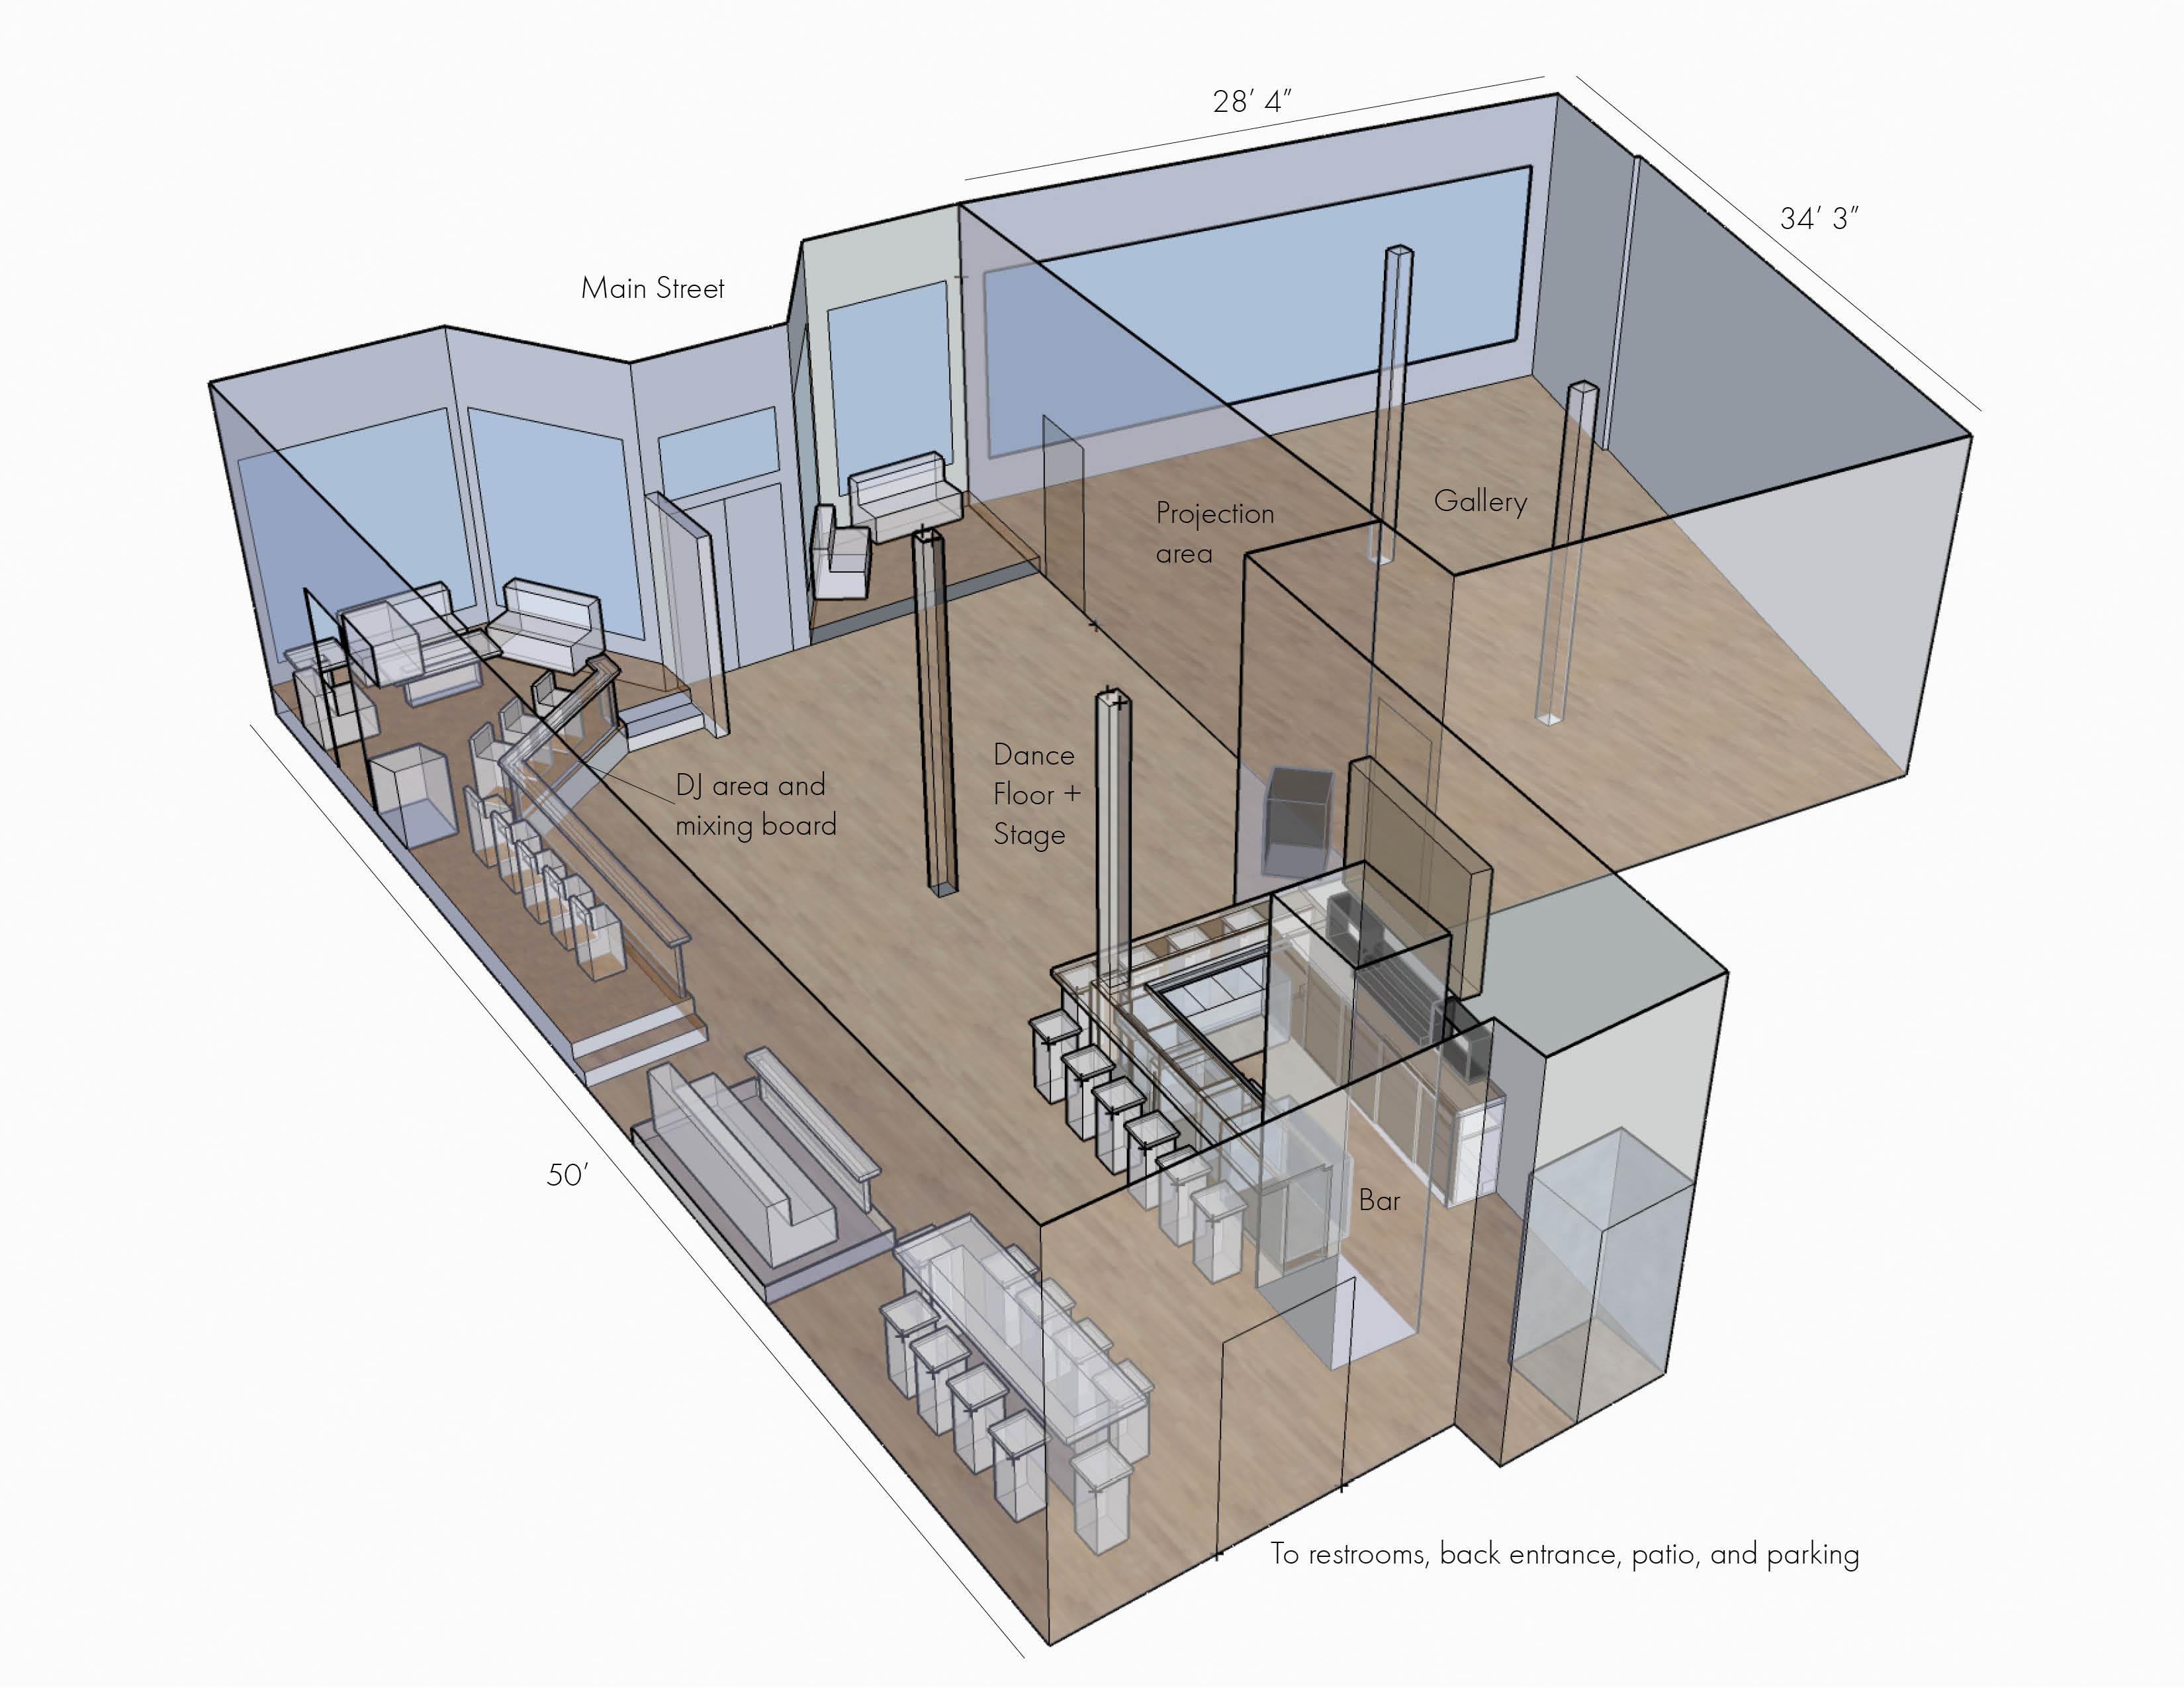 Venue floor plan